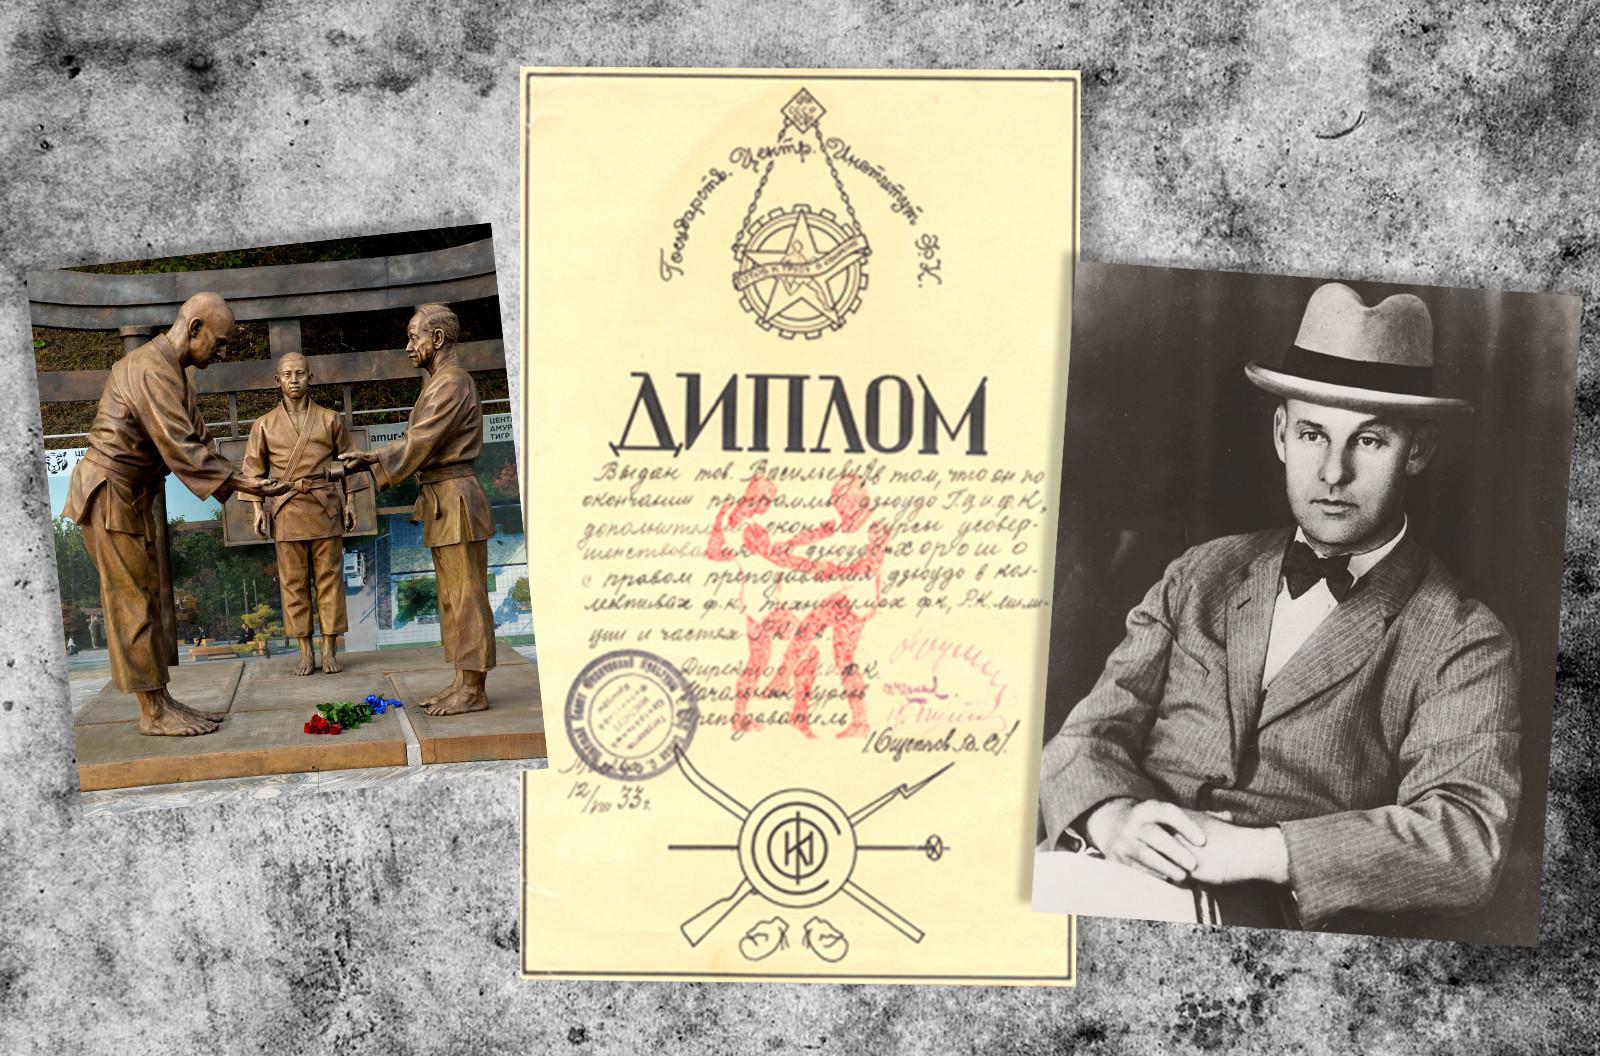 左:ワシリー・オシェプコフの記念像。中央:ワシリー・オシェプコフがサインした卒業証書。右:ワシリー・オシェプコフ。